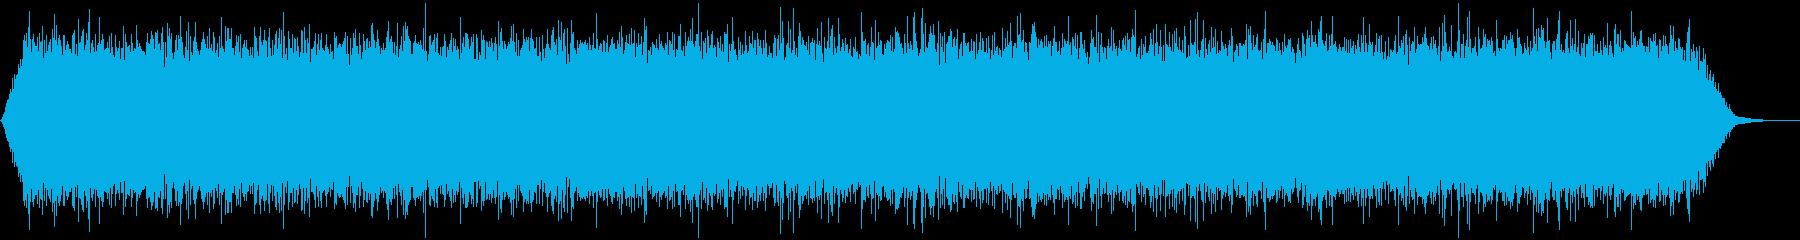 【アンビエント】ドローン_40 実験音の再生済みの波形